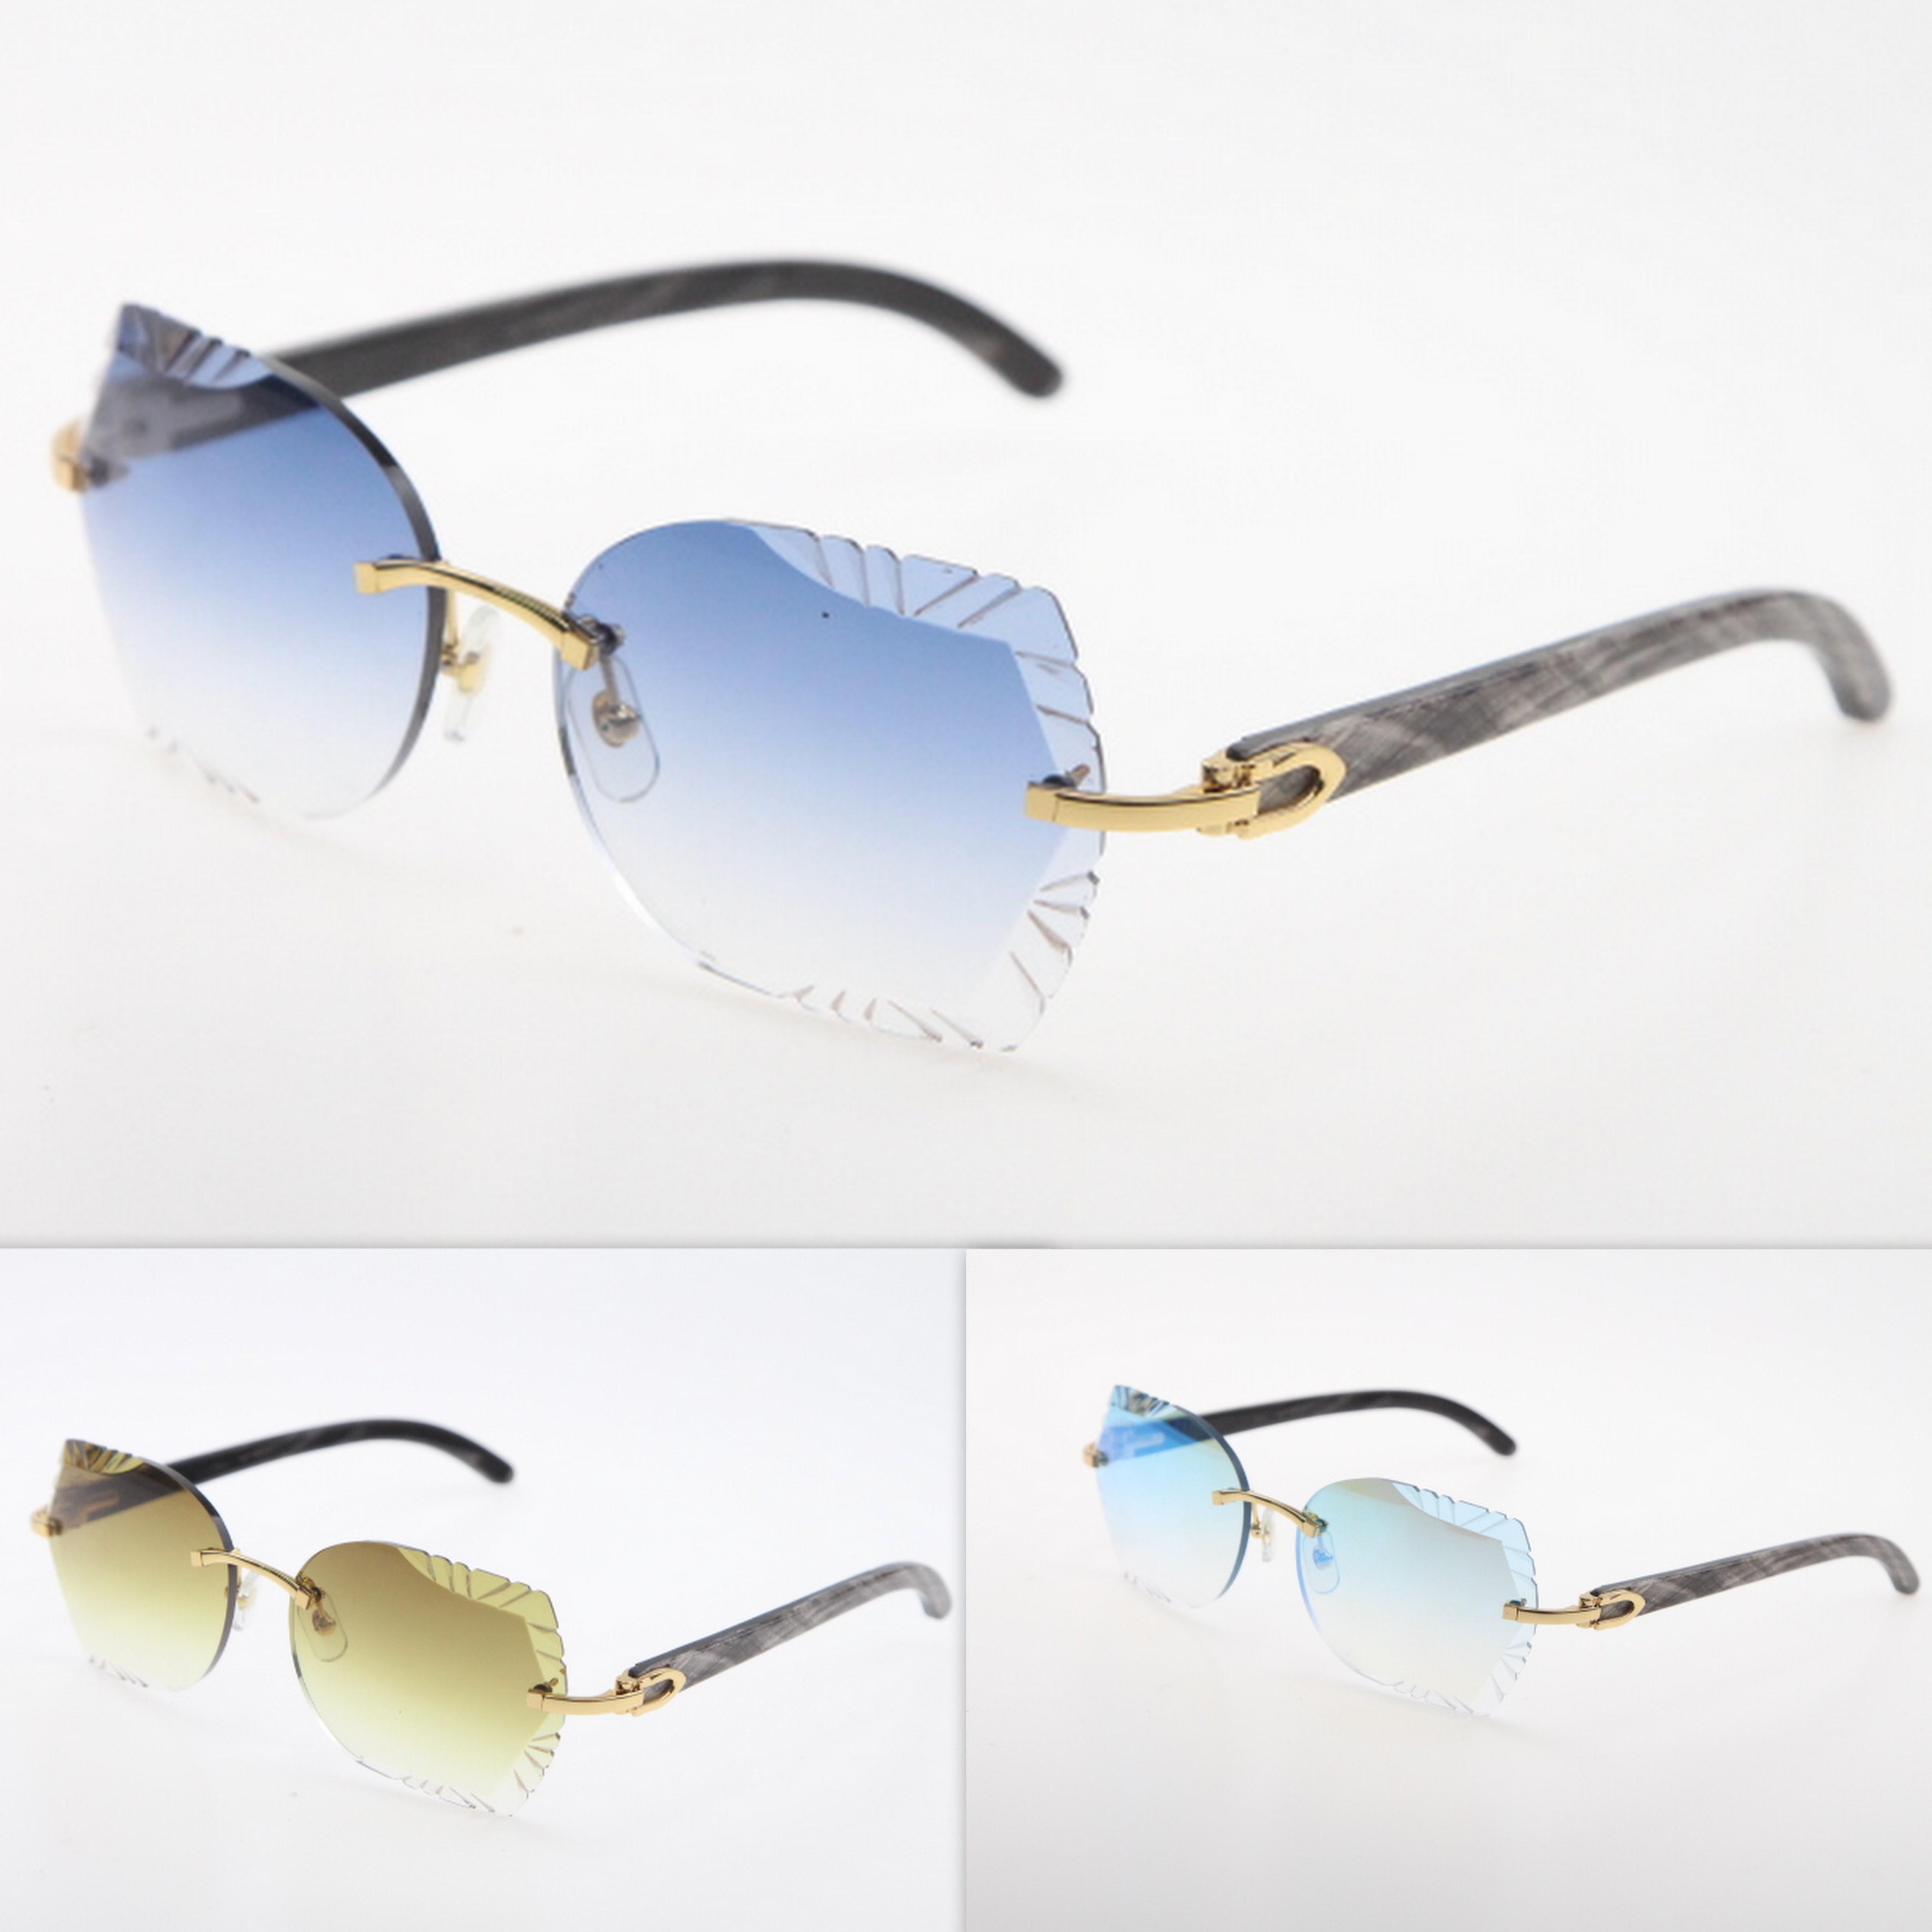 망 디자이너가 무한없는 유니섹스 원래 대리석 블랙 버팔로 경적 선글라스 패션 다이아몬드 컷 렌즈 adumbral c 장식 골드 태양 안경 기발한 안경